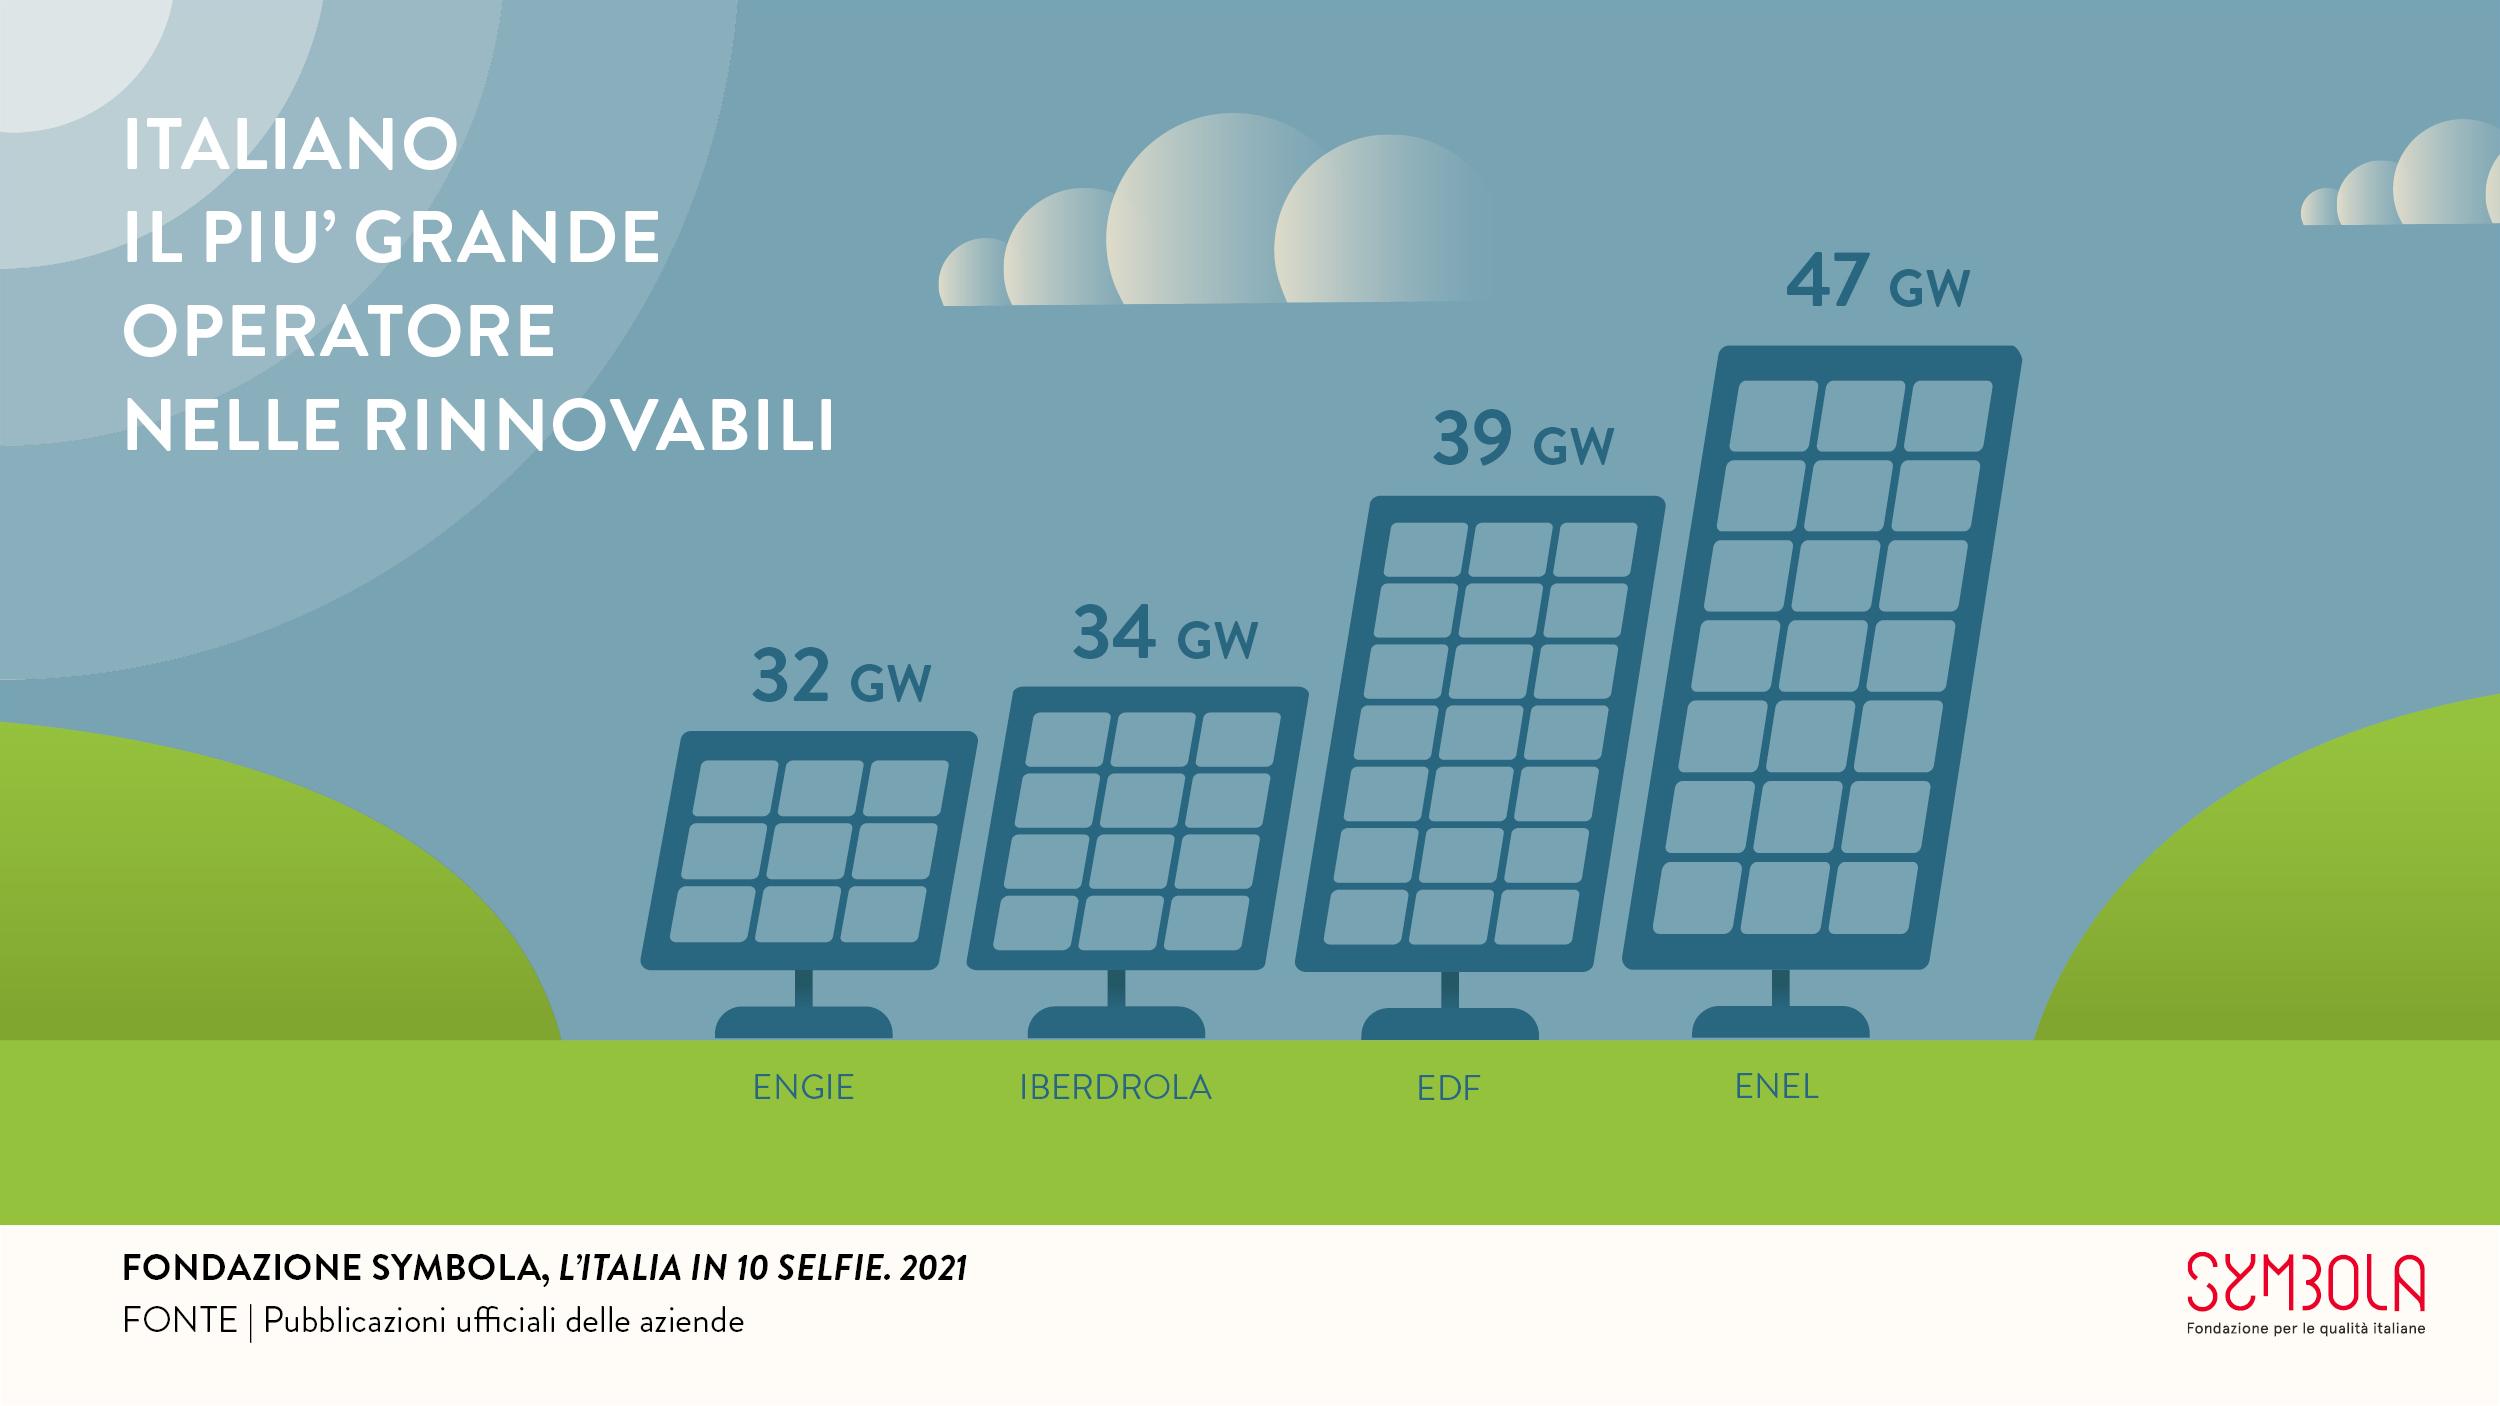 10 Selfie 2021: Italiano il più grande operatore nelle rinnovabili #2